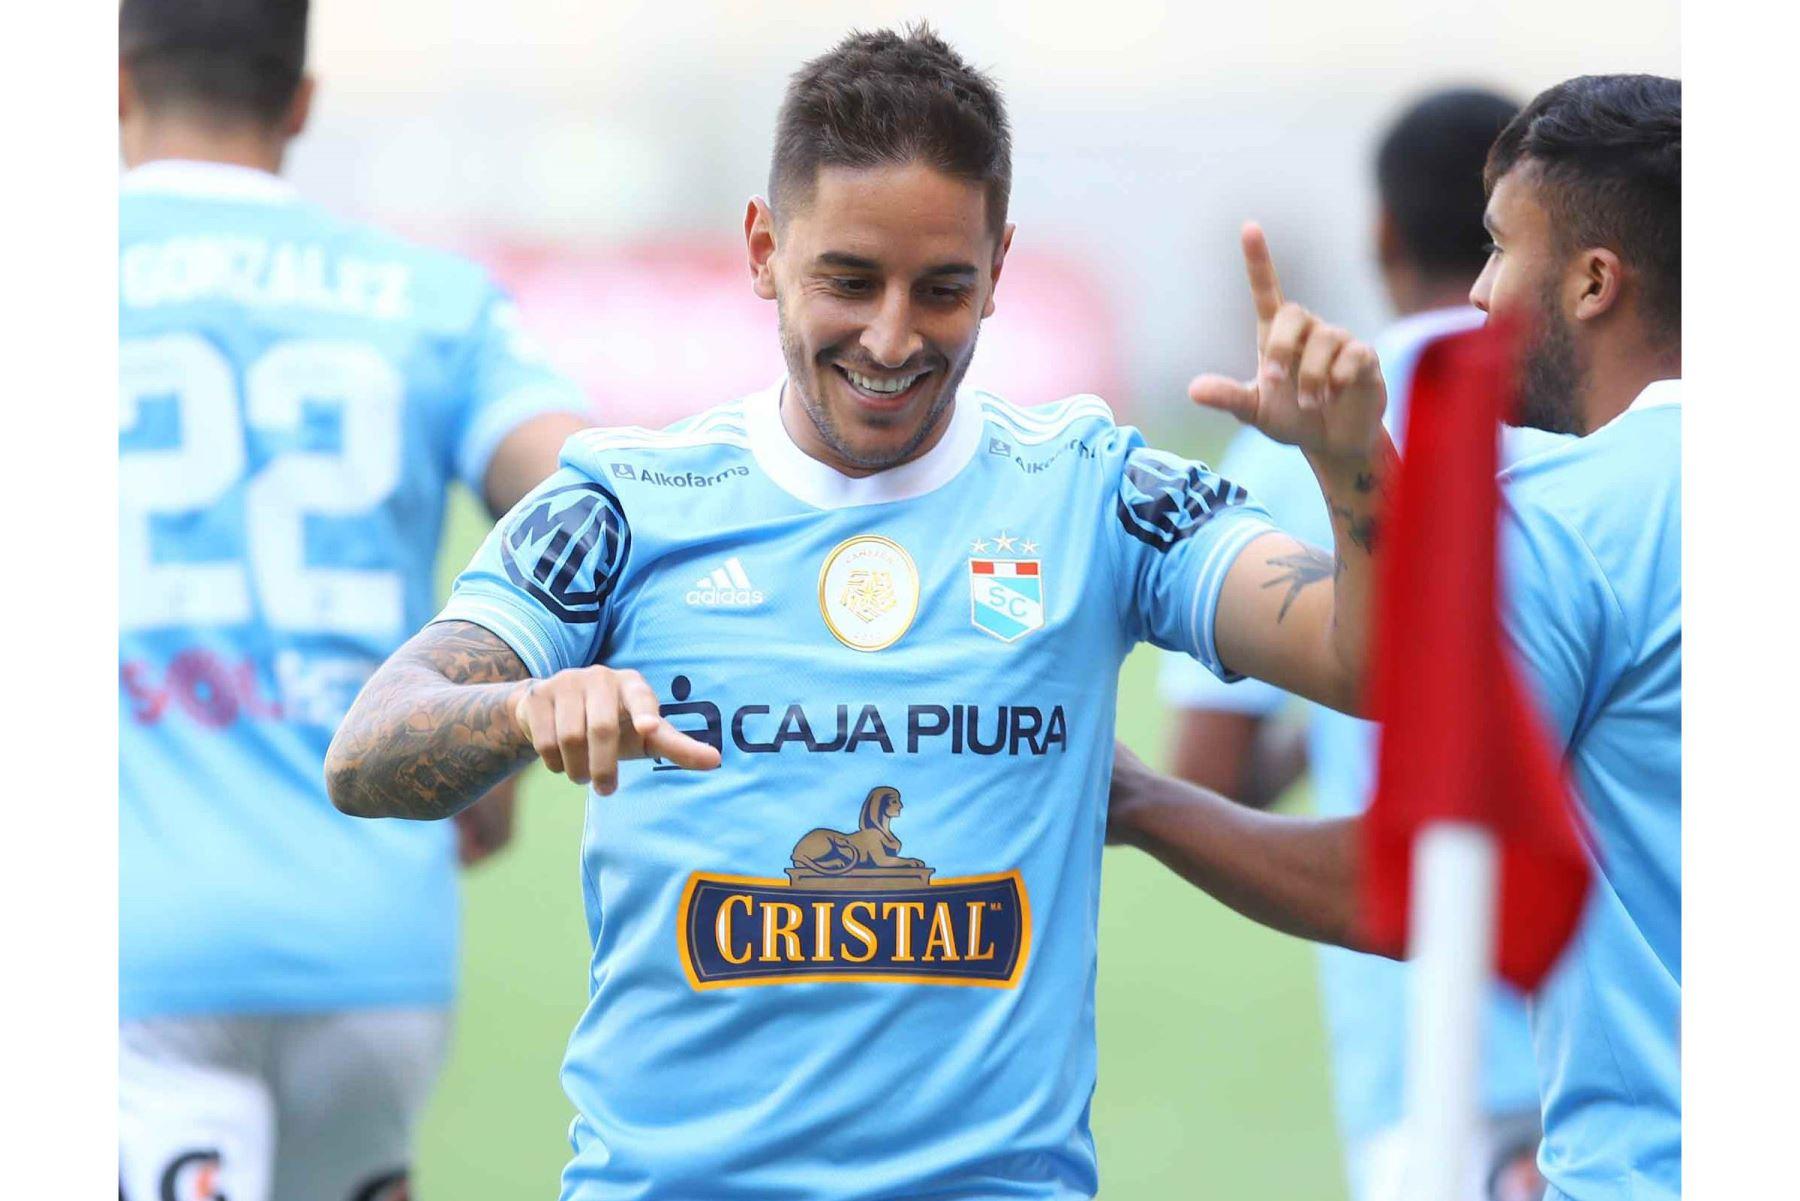 Alejandro Hohberg  de Cristal  celebra su gol anotado ante Alianza Lima  por la sexta fecha de la fase 1, en el estadio Nacional .  Foto: Liga 1